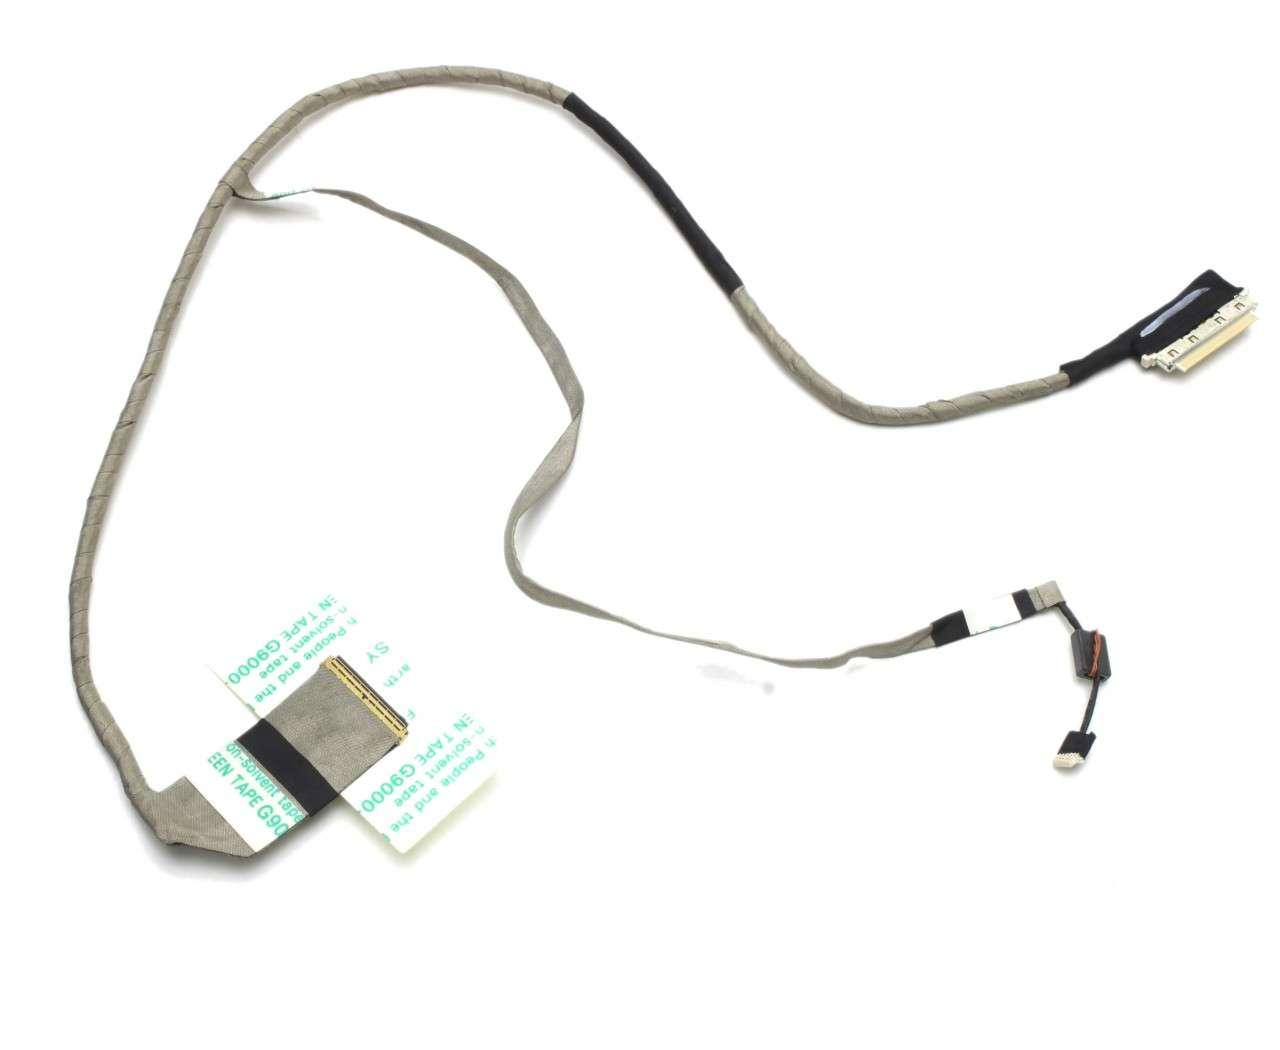 Cablu video LVDS Packard Bell EasyNote LS44HR imagine powerlaptop.ro 2021